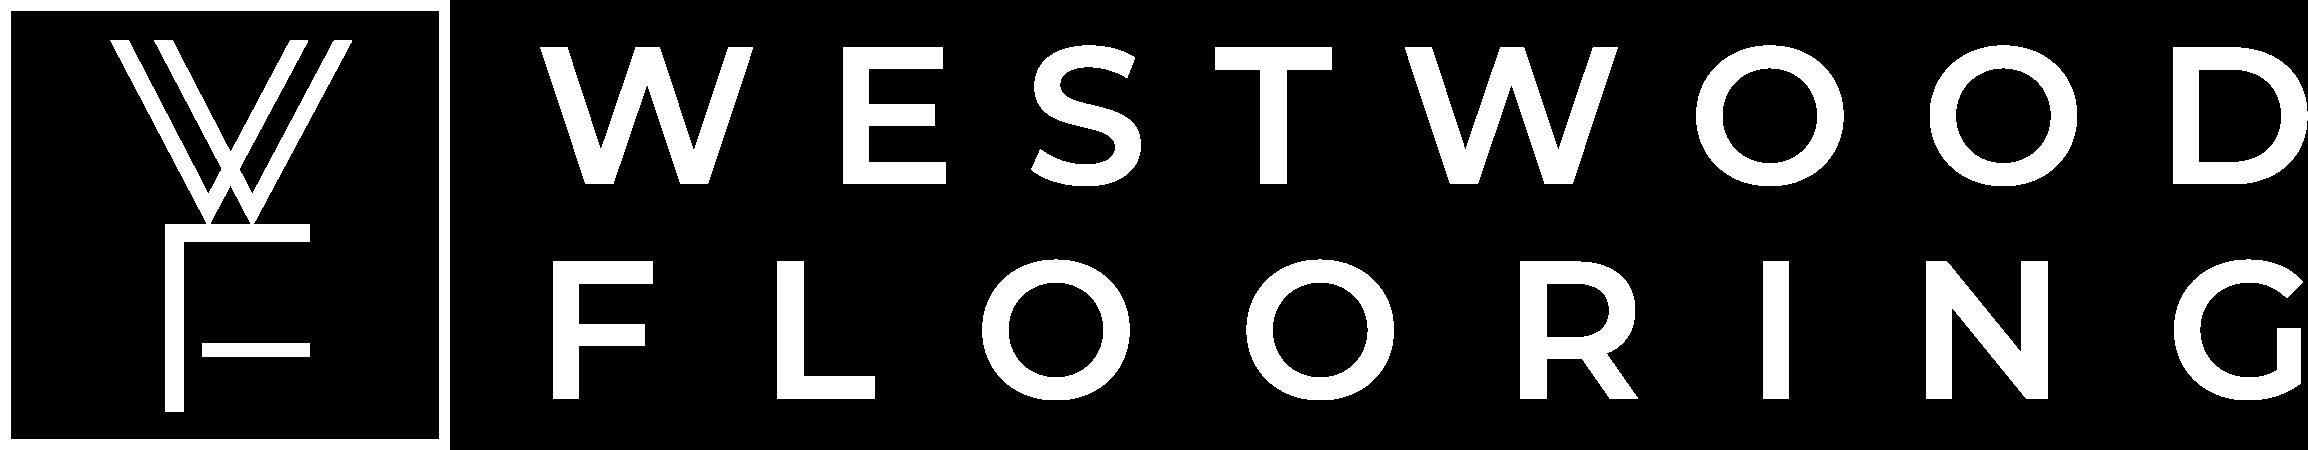 Westwood Flooring